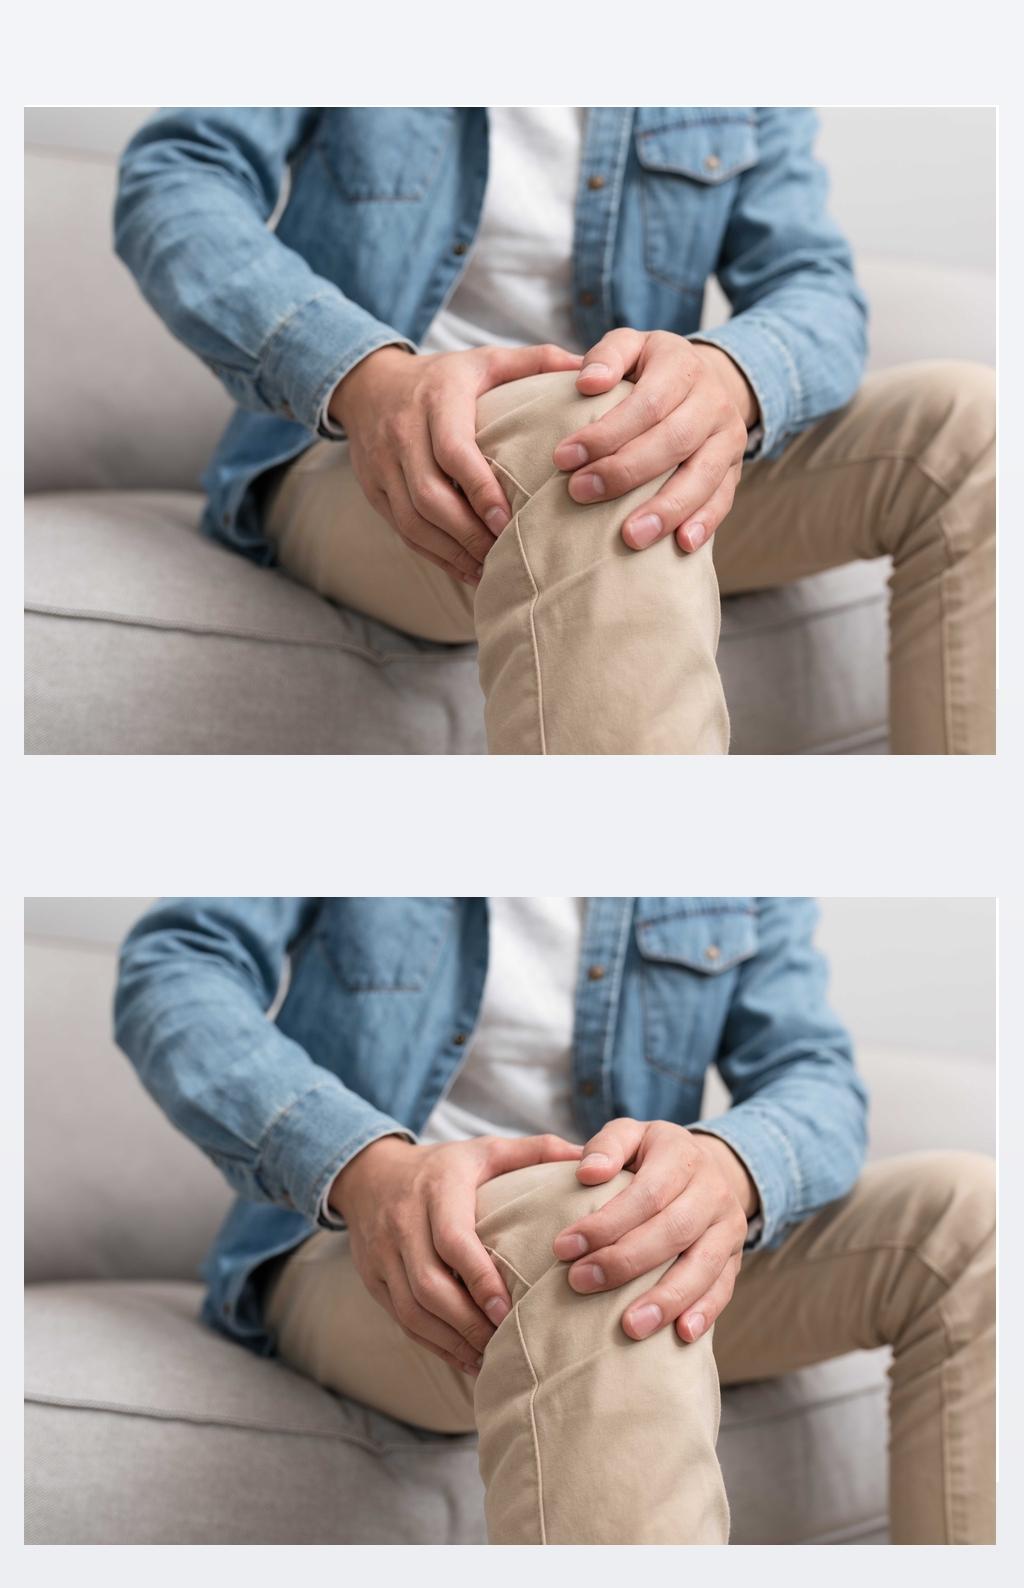 漆盖疼痛是怎么回事香港物理细伟真实事件详情治疗师带你治疗膝盖痛